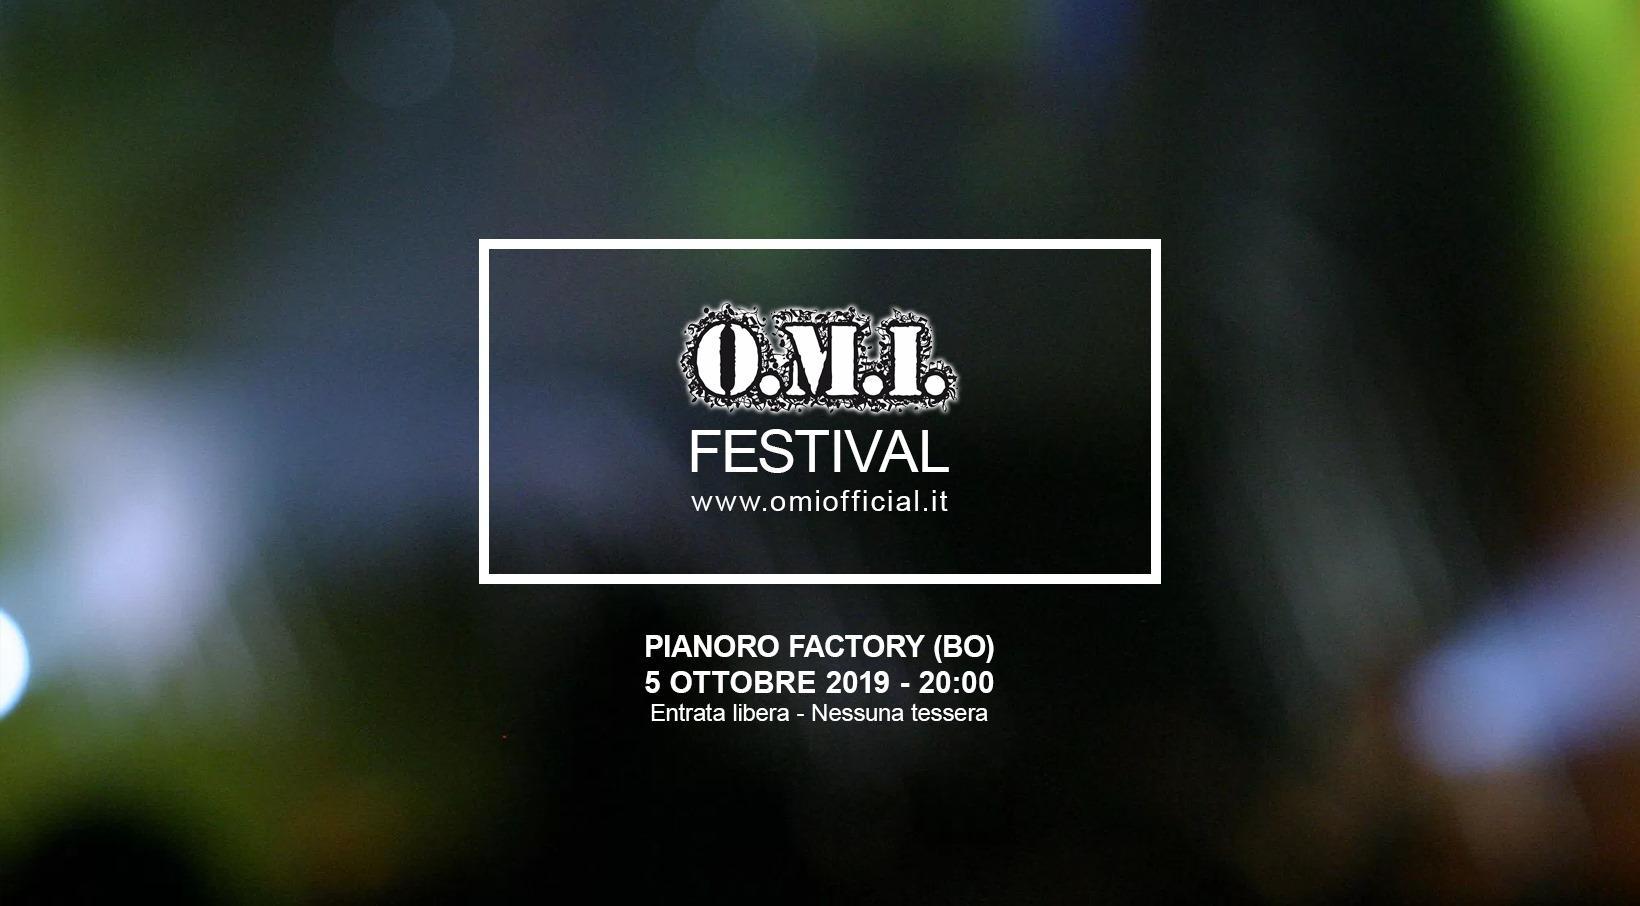 Concerto OMI Festival 2019 a Pianoro